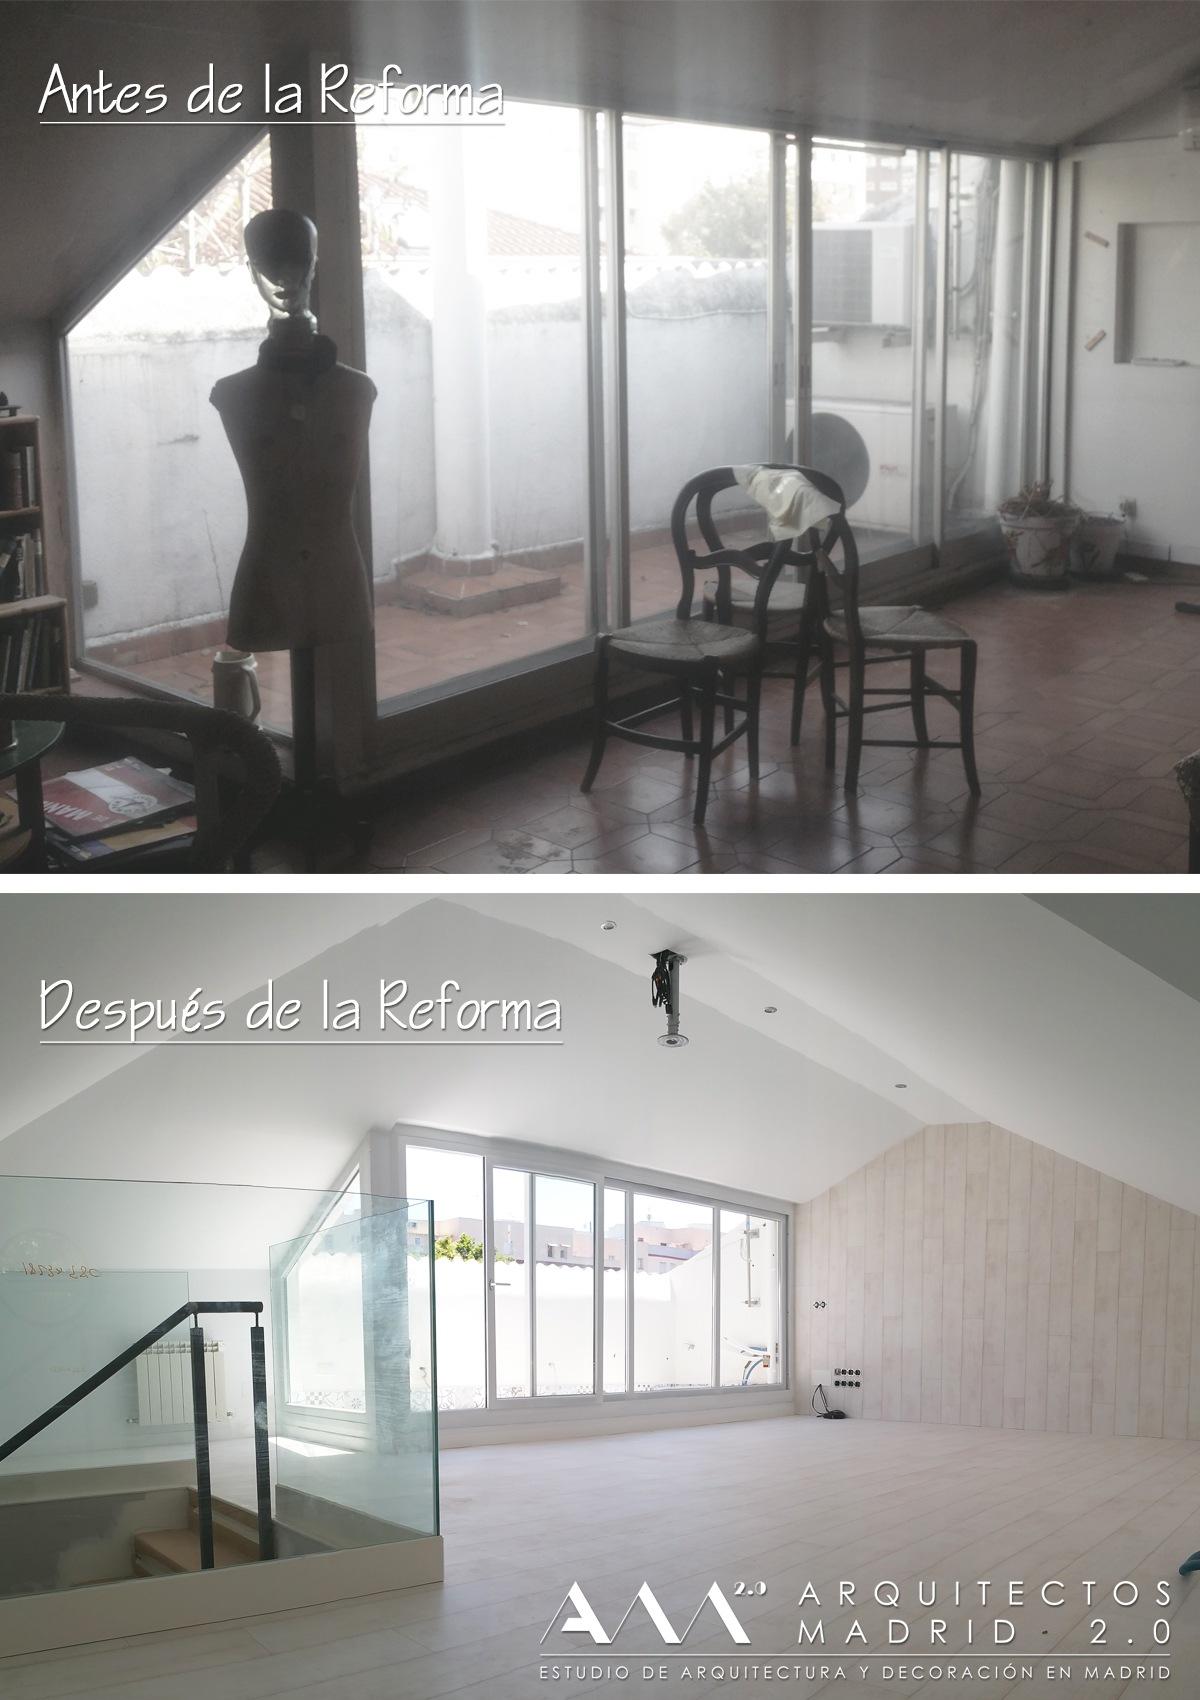 reformas-viviendas-ideas-antes-despues-pisos-casas-obras-09